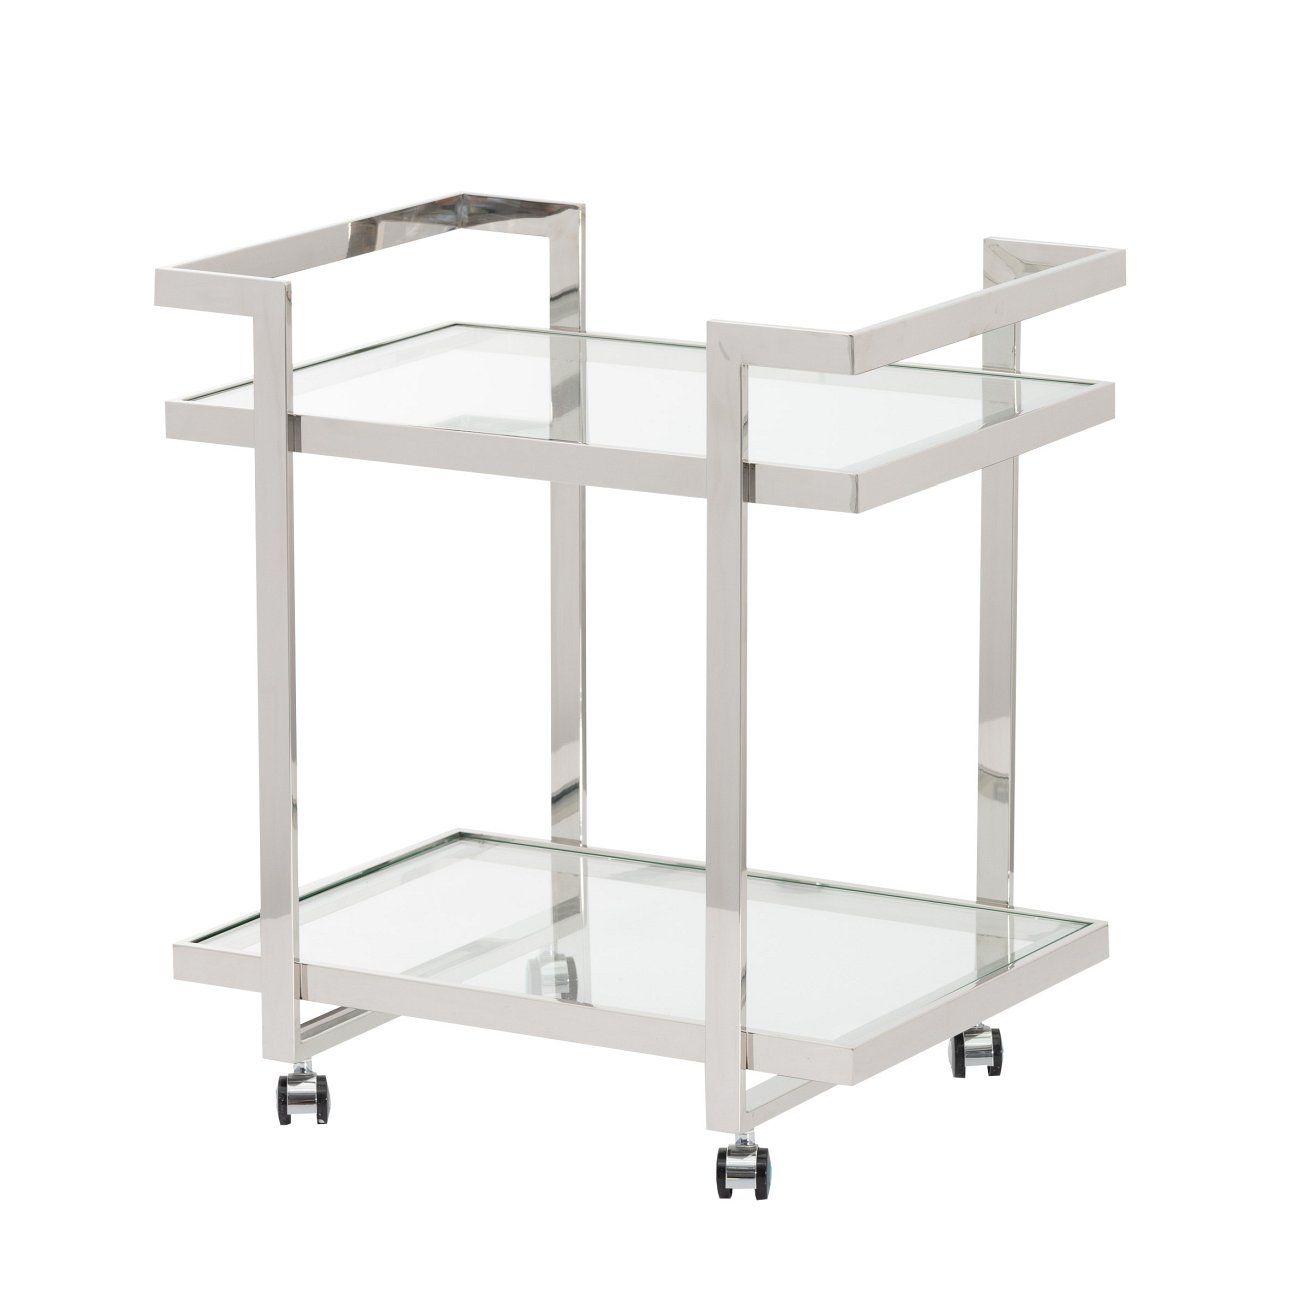 Full Size of Bartisch Ikea Miniküche Modulküche Küche Kosten Kaufen Betten 160x200 Sofa Mit Schlaffunktion Bei Wohnzimmer Bartisch Ikea